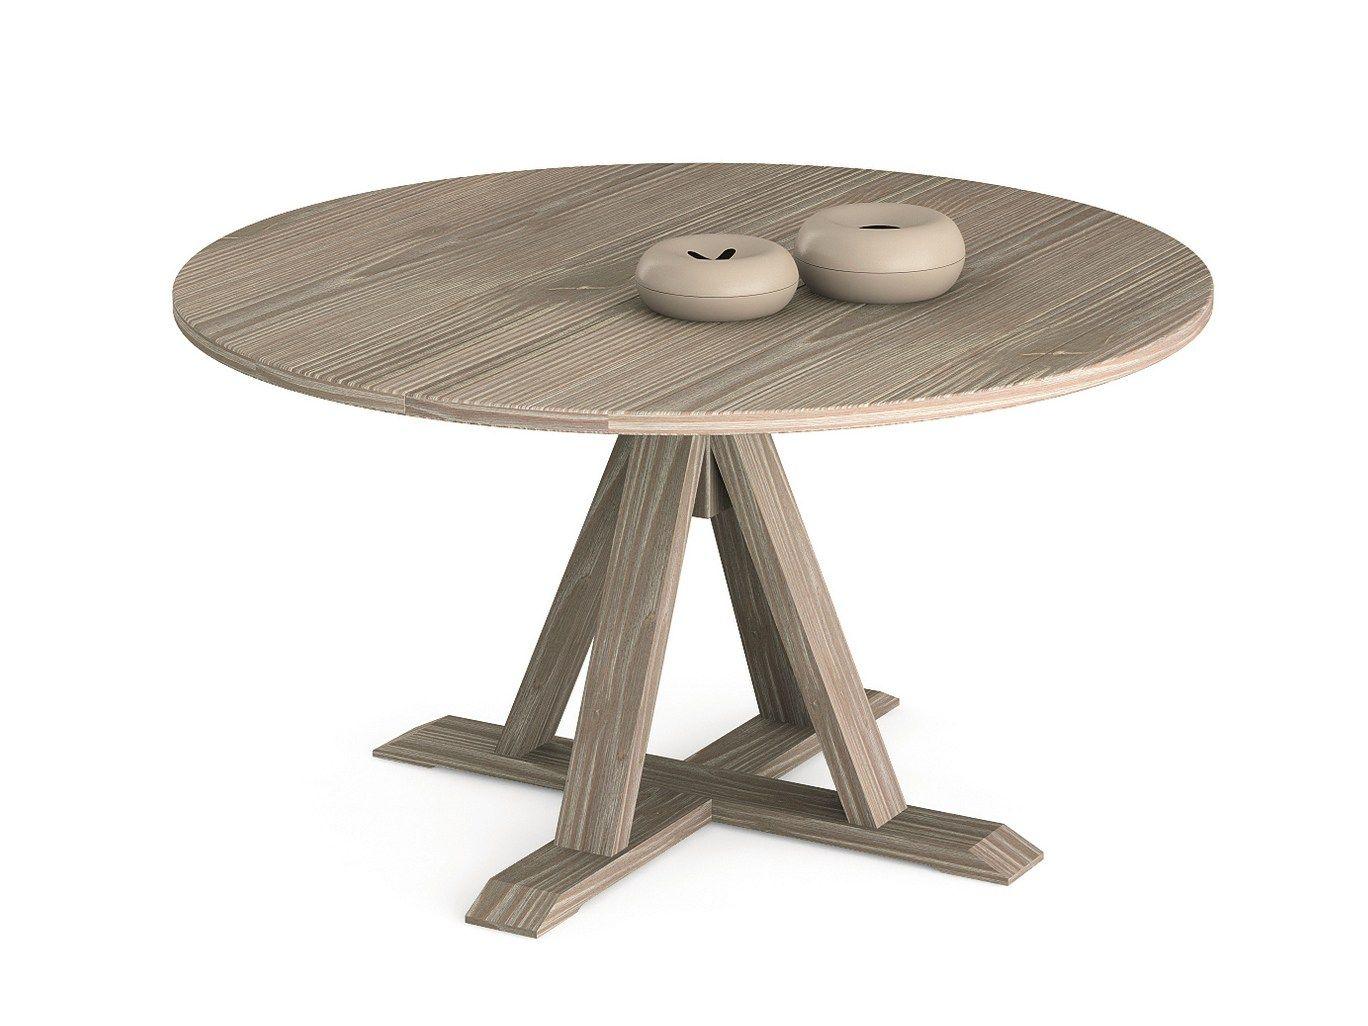 Maestrale tavolo rotondo by scandola mobili - Tavolo rotondo in legno ...